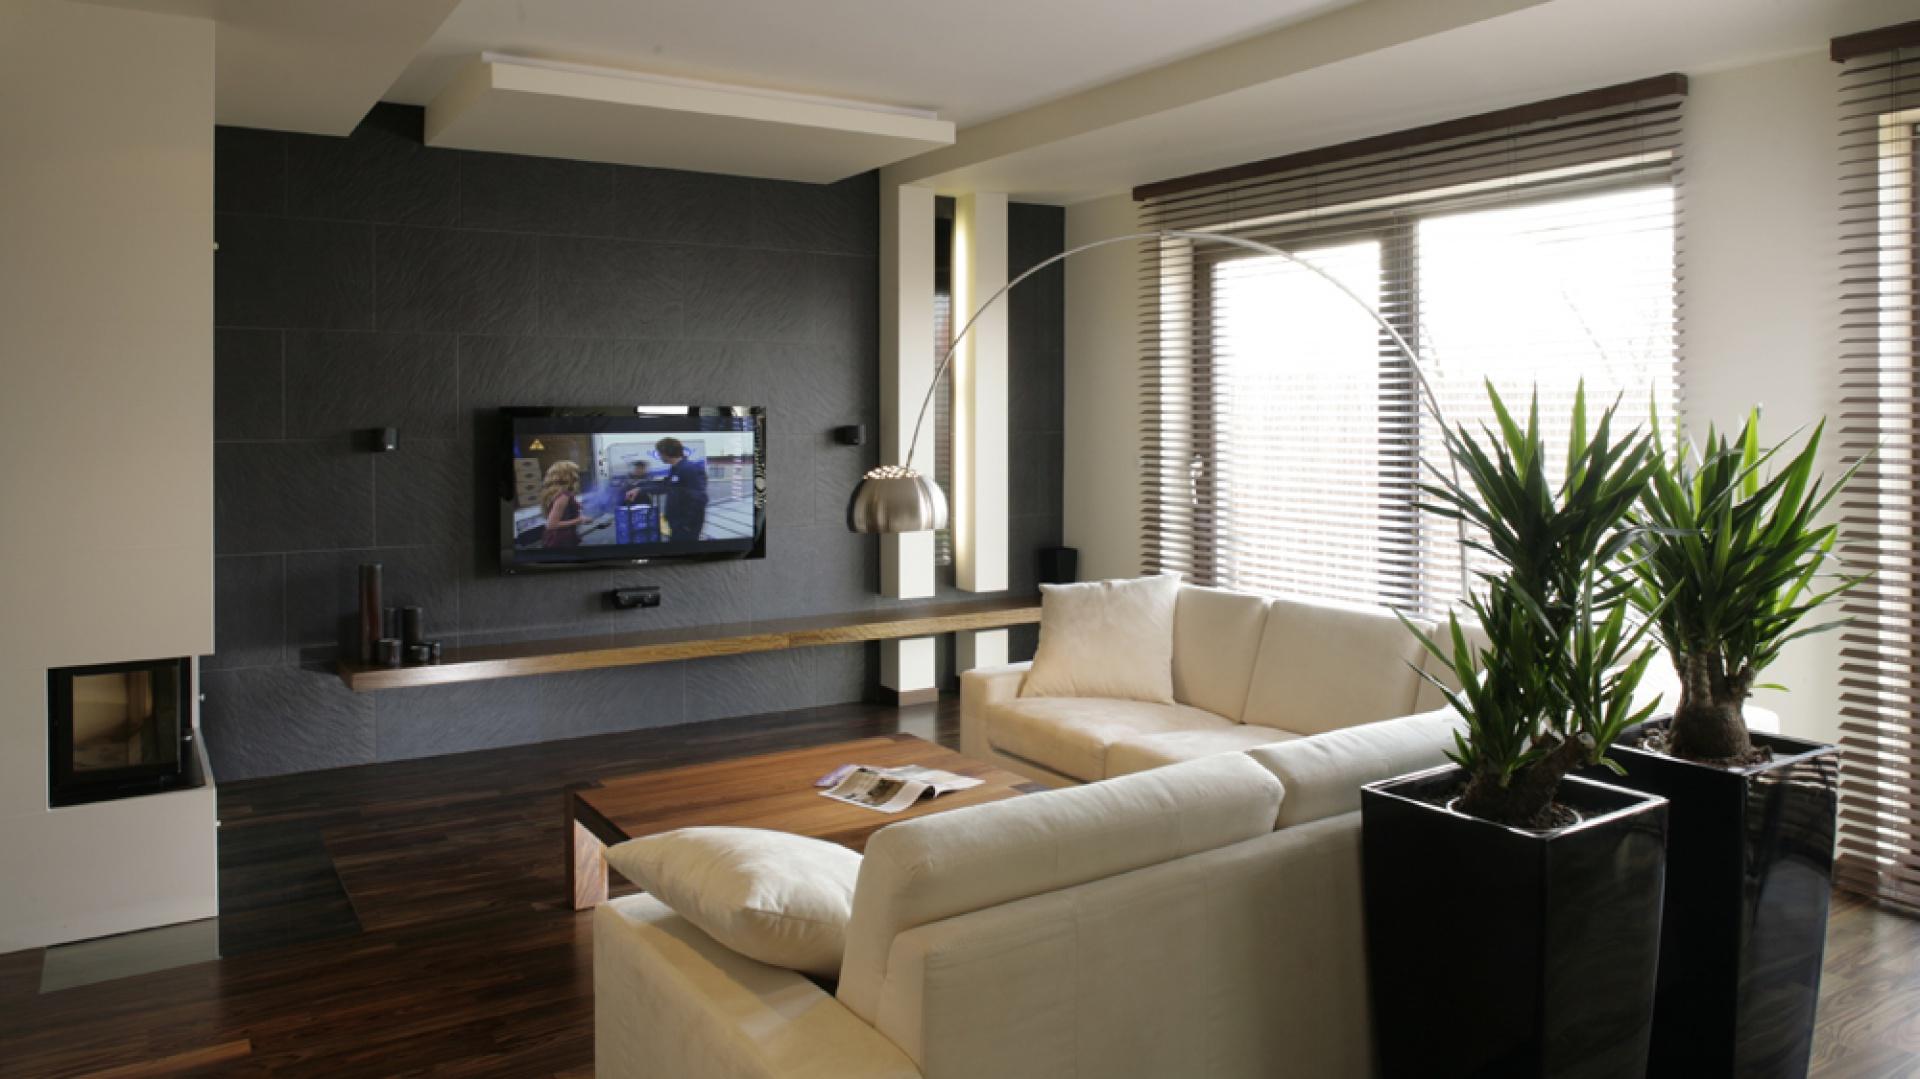 Pod telewizor LCD zaprojektowano specjalną ścianę, wyłożoną płytkami gresowymi w kolorze antracytowym, o fakturze łupka (Zirconio). Ponieważ ciemna ściana to odważny element, zadbano, by nie przytłaczała wnętrza. Fot. Bartosz Jarosz.